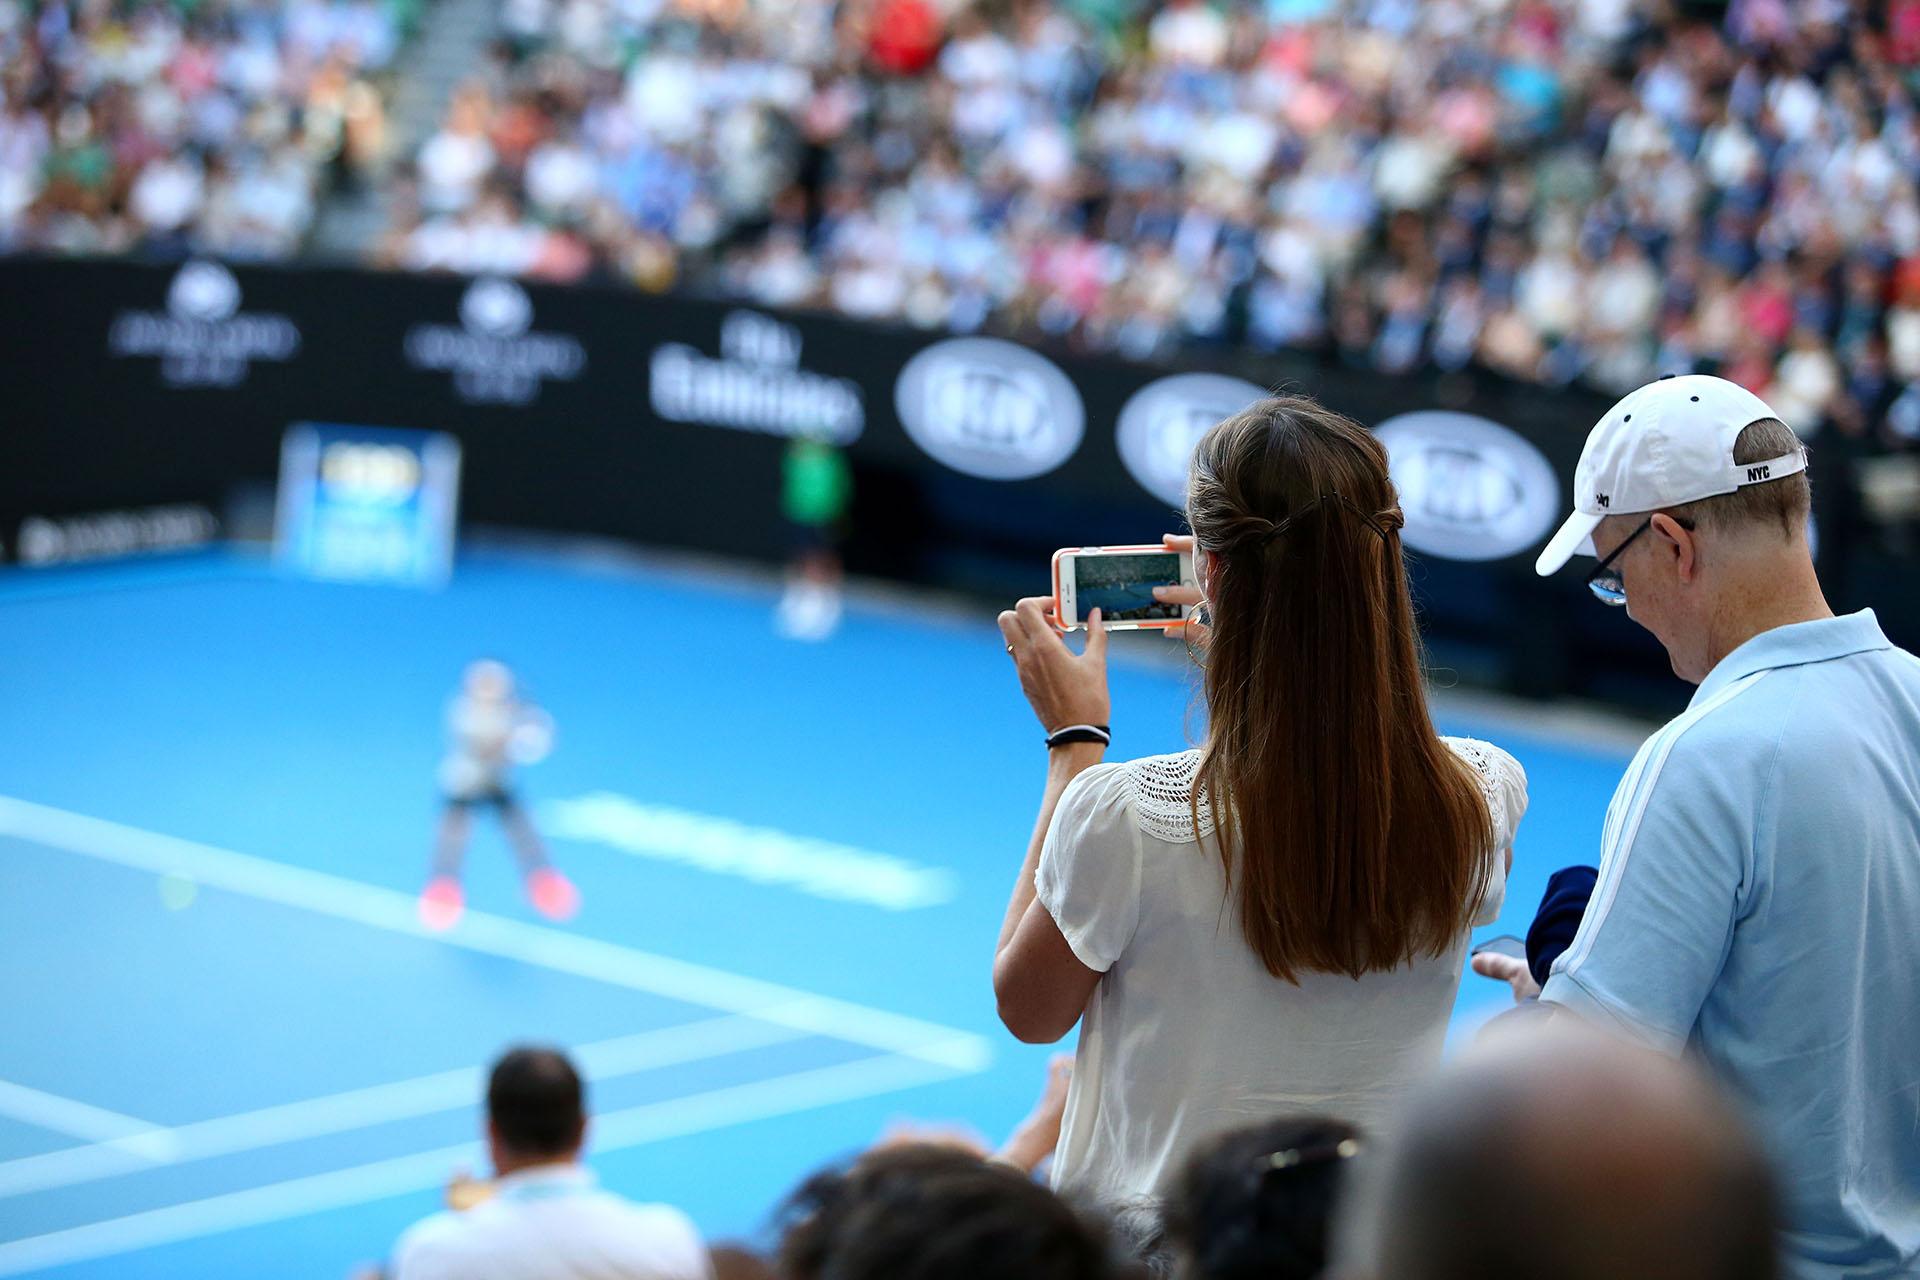 Roger Federer se preparó en la Copa Hopman antes de iniciar el máximo torneo. Antes, estuvo seis meses de baja por lesión